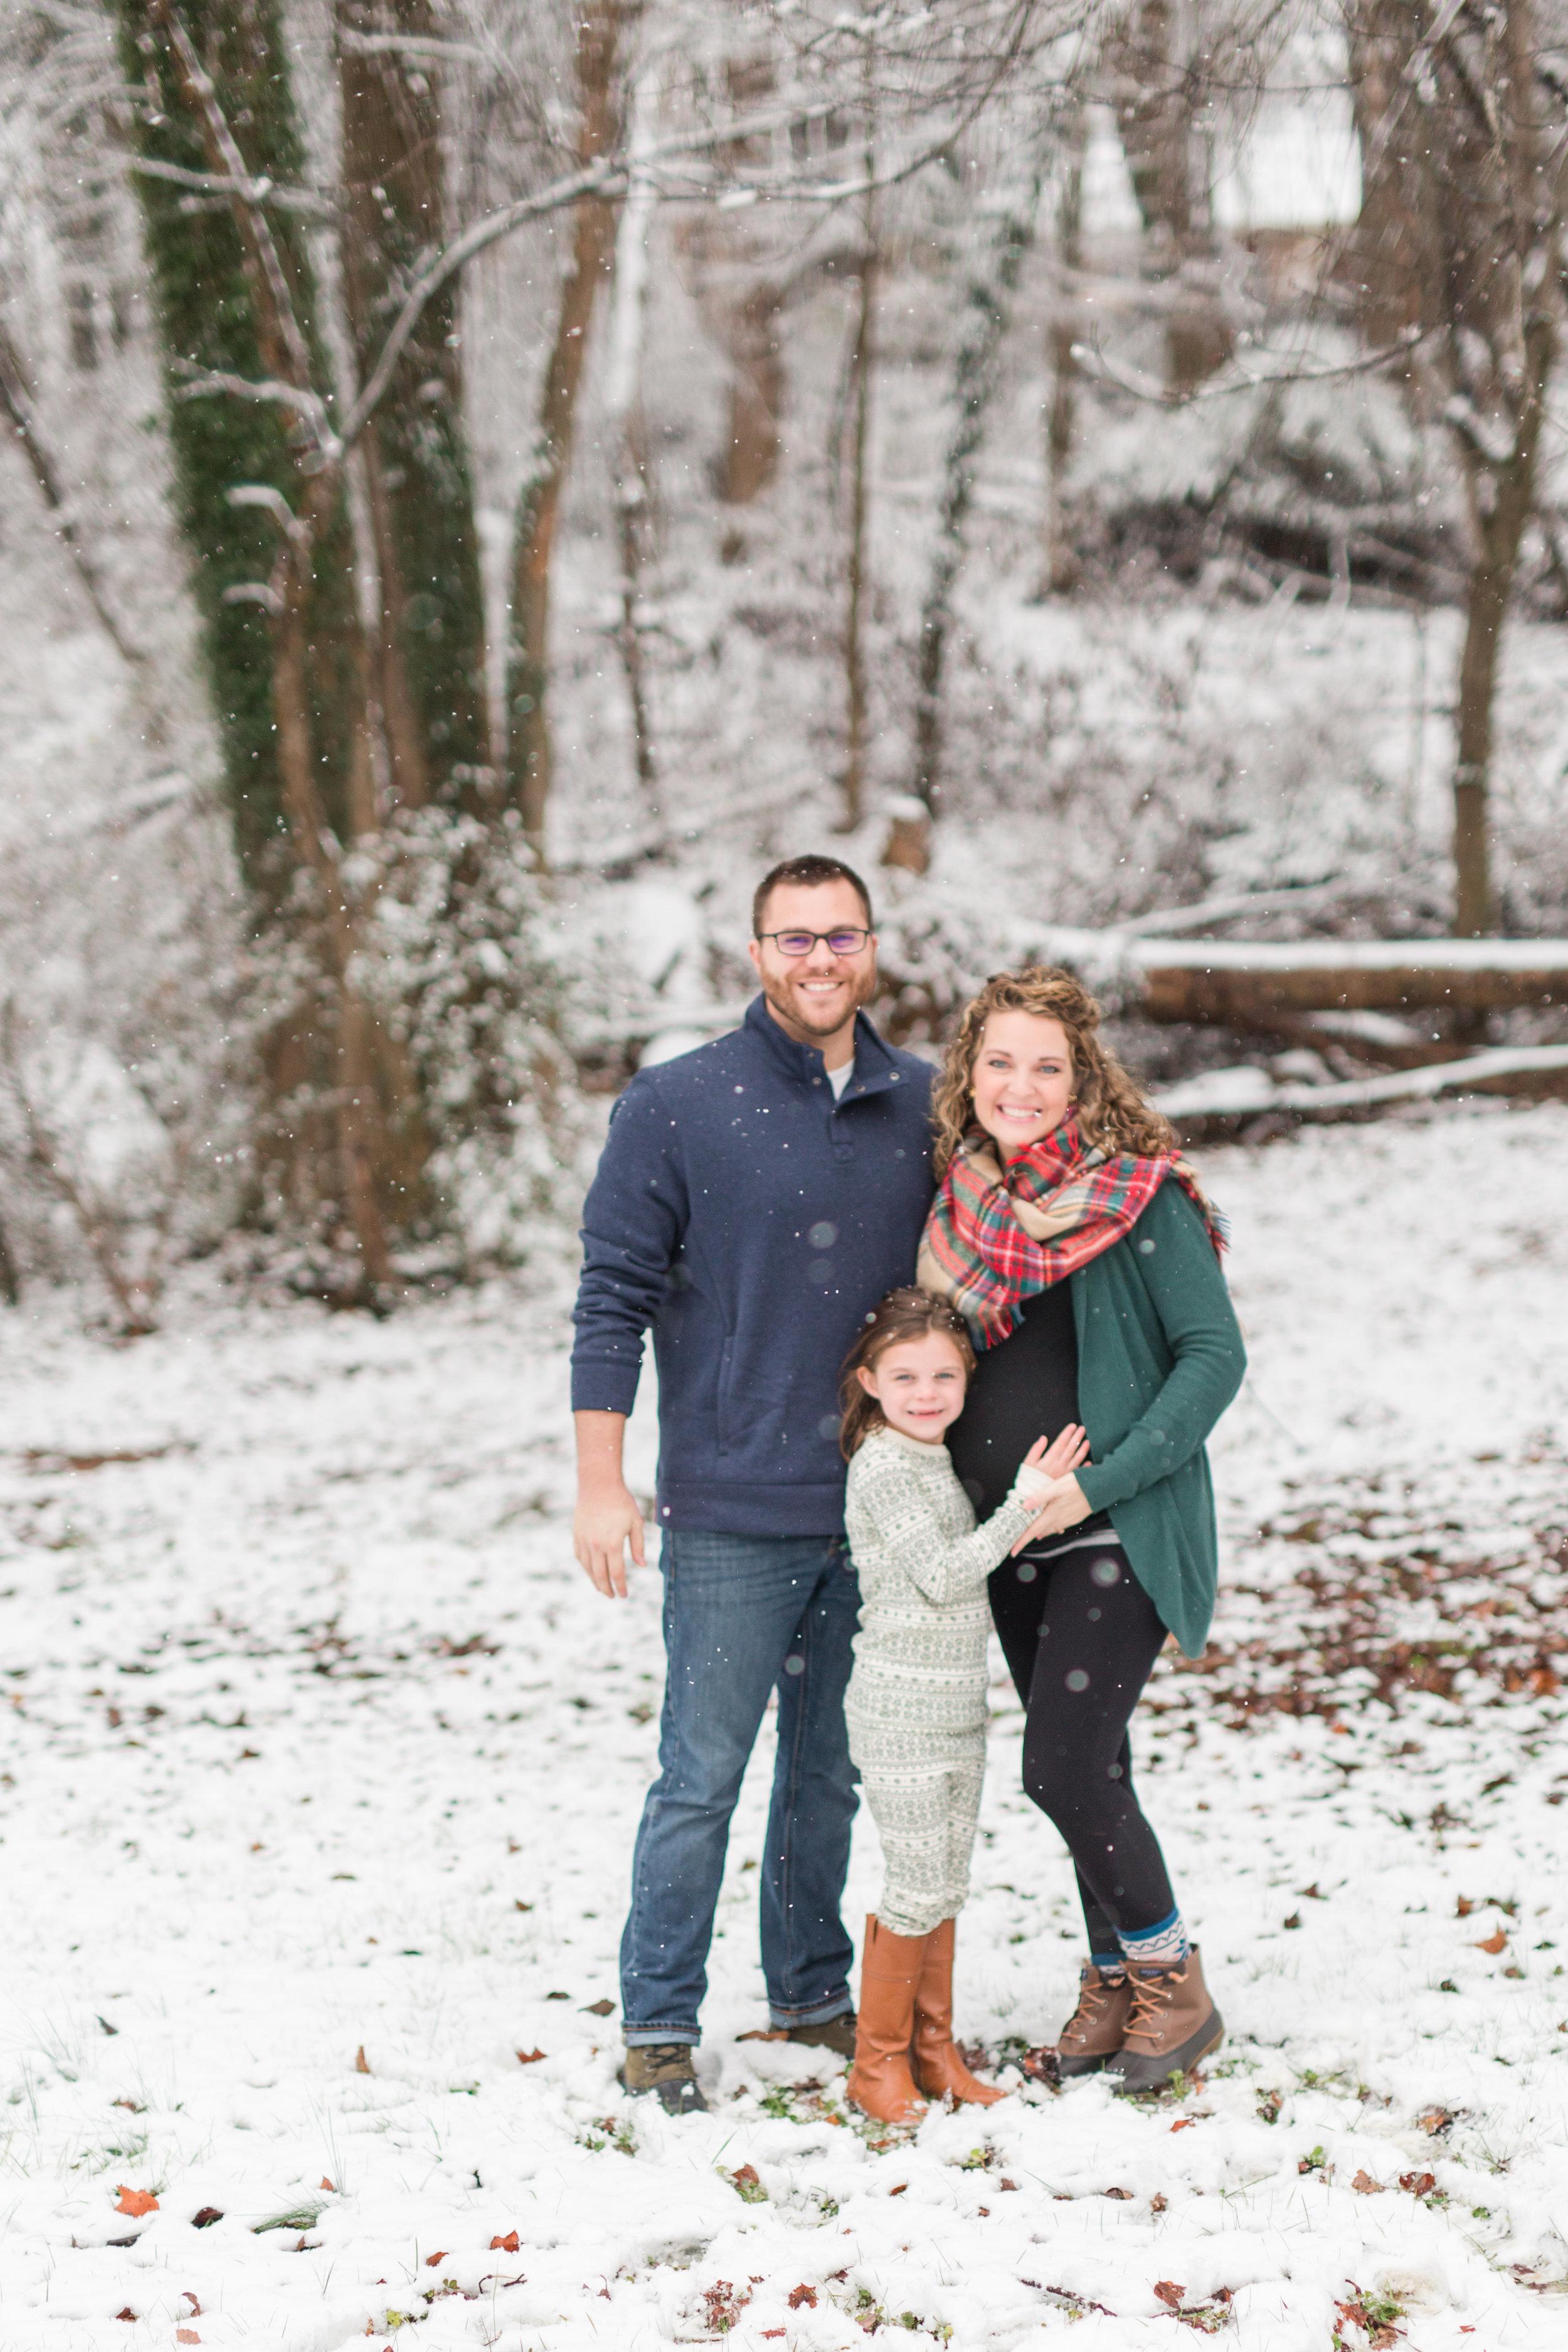 Lynchburg Virginia Wedding and Portrait Photographer || www.ashleyeiban.com